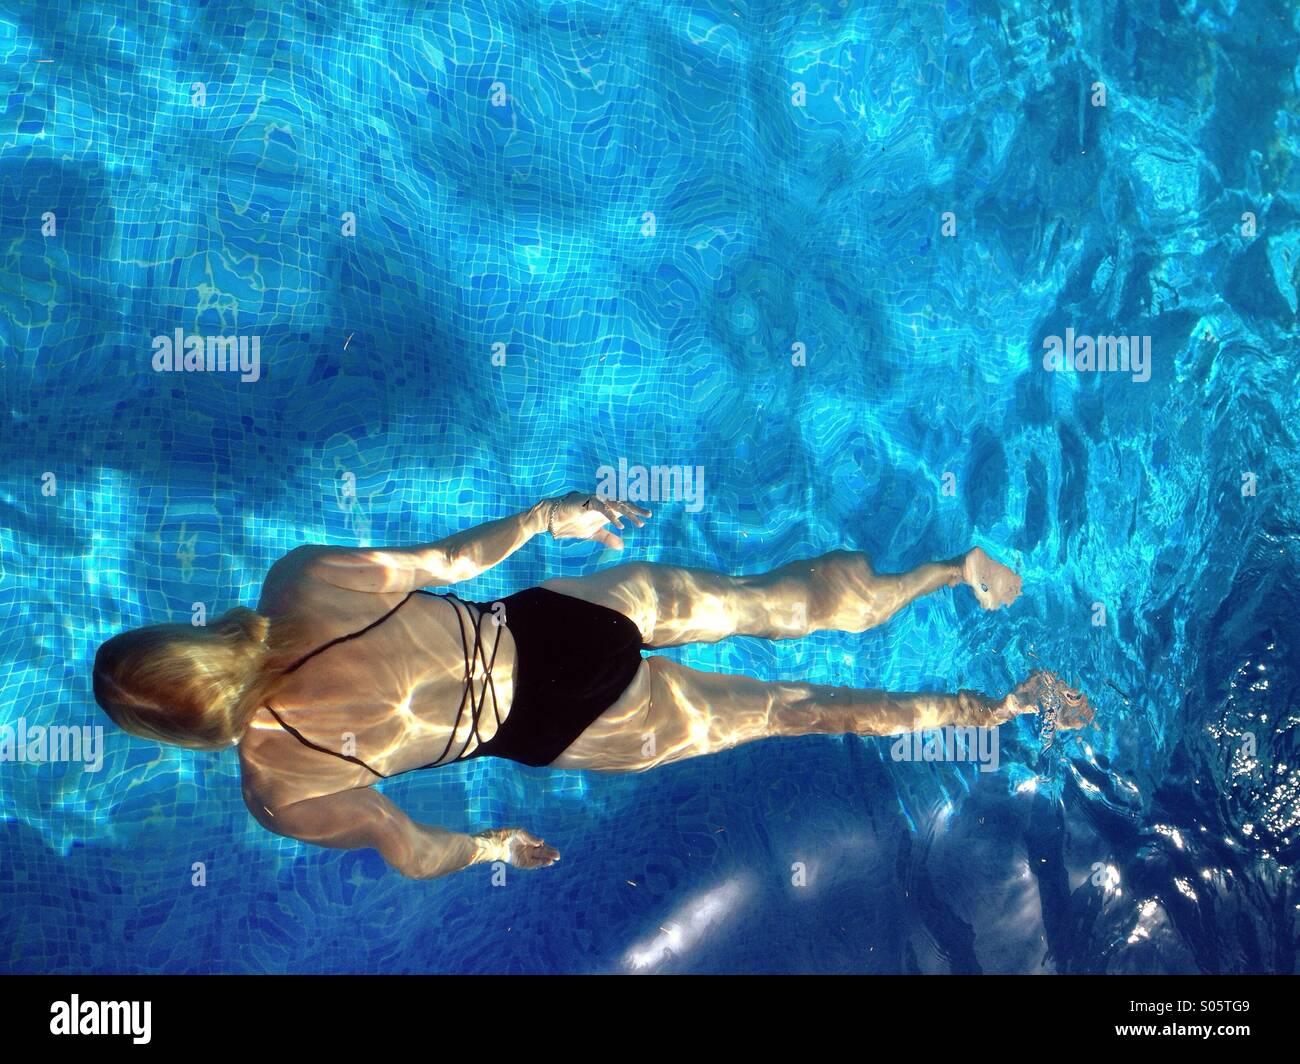 Woman swimming in pool Photo Stock